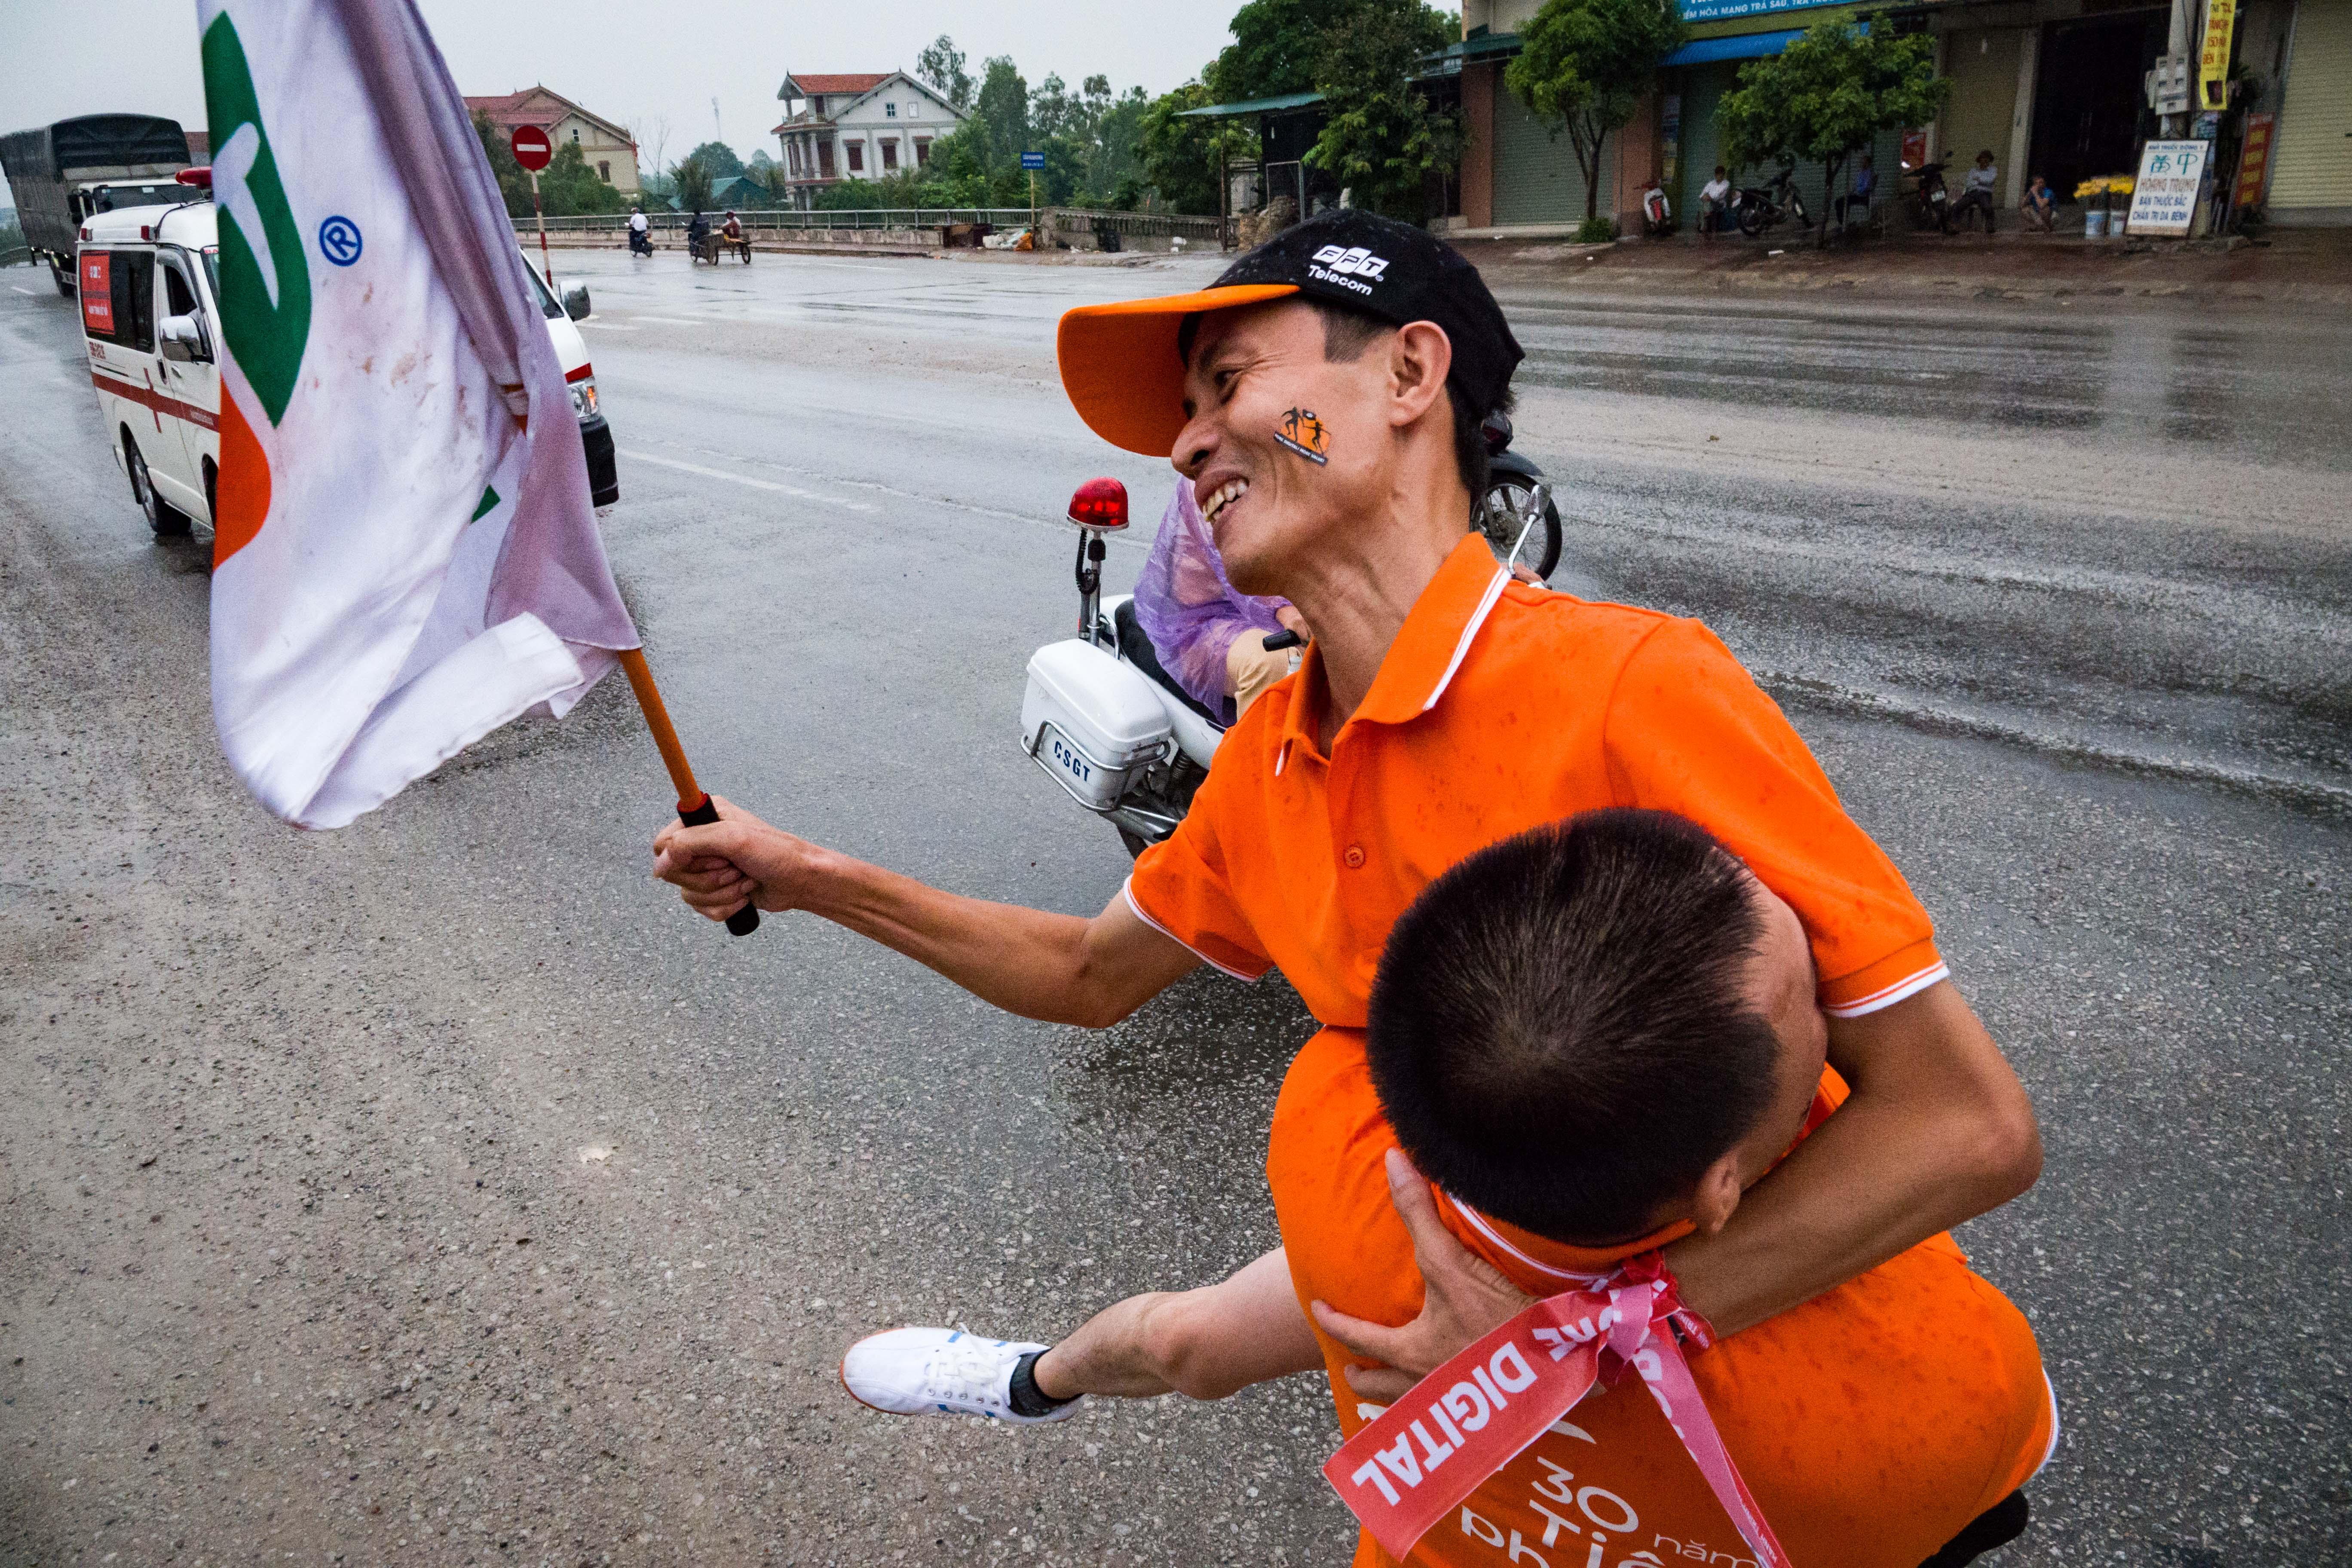 """Mang số thứ tự 614 là anh Hồ Khai Phong, vận động viên nhiều tuổi nhất tham gia giải chạy tiếp sức tại Nghệ An. Mặc dù có thân hình gầy gò nhưng anh Phong đã đăng ký chạy với quãng đường 1 km, nhiều hơn bình thường mà anh có thể chạy là 200 m. Về đích, trao cờ cho đồng đội, anh Phong ôm tiếp sức cho vận động viên số 615. """"Giá như được chạy nhiều hơn nữa thì tôi vẫn chạy được, nhưng quãng đường ngắn thì mỗi người góp sức một chút thế mới là tinh thần FPT"""", anh bày tỏ."""